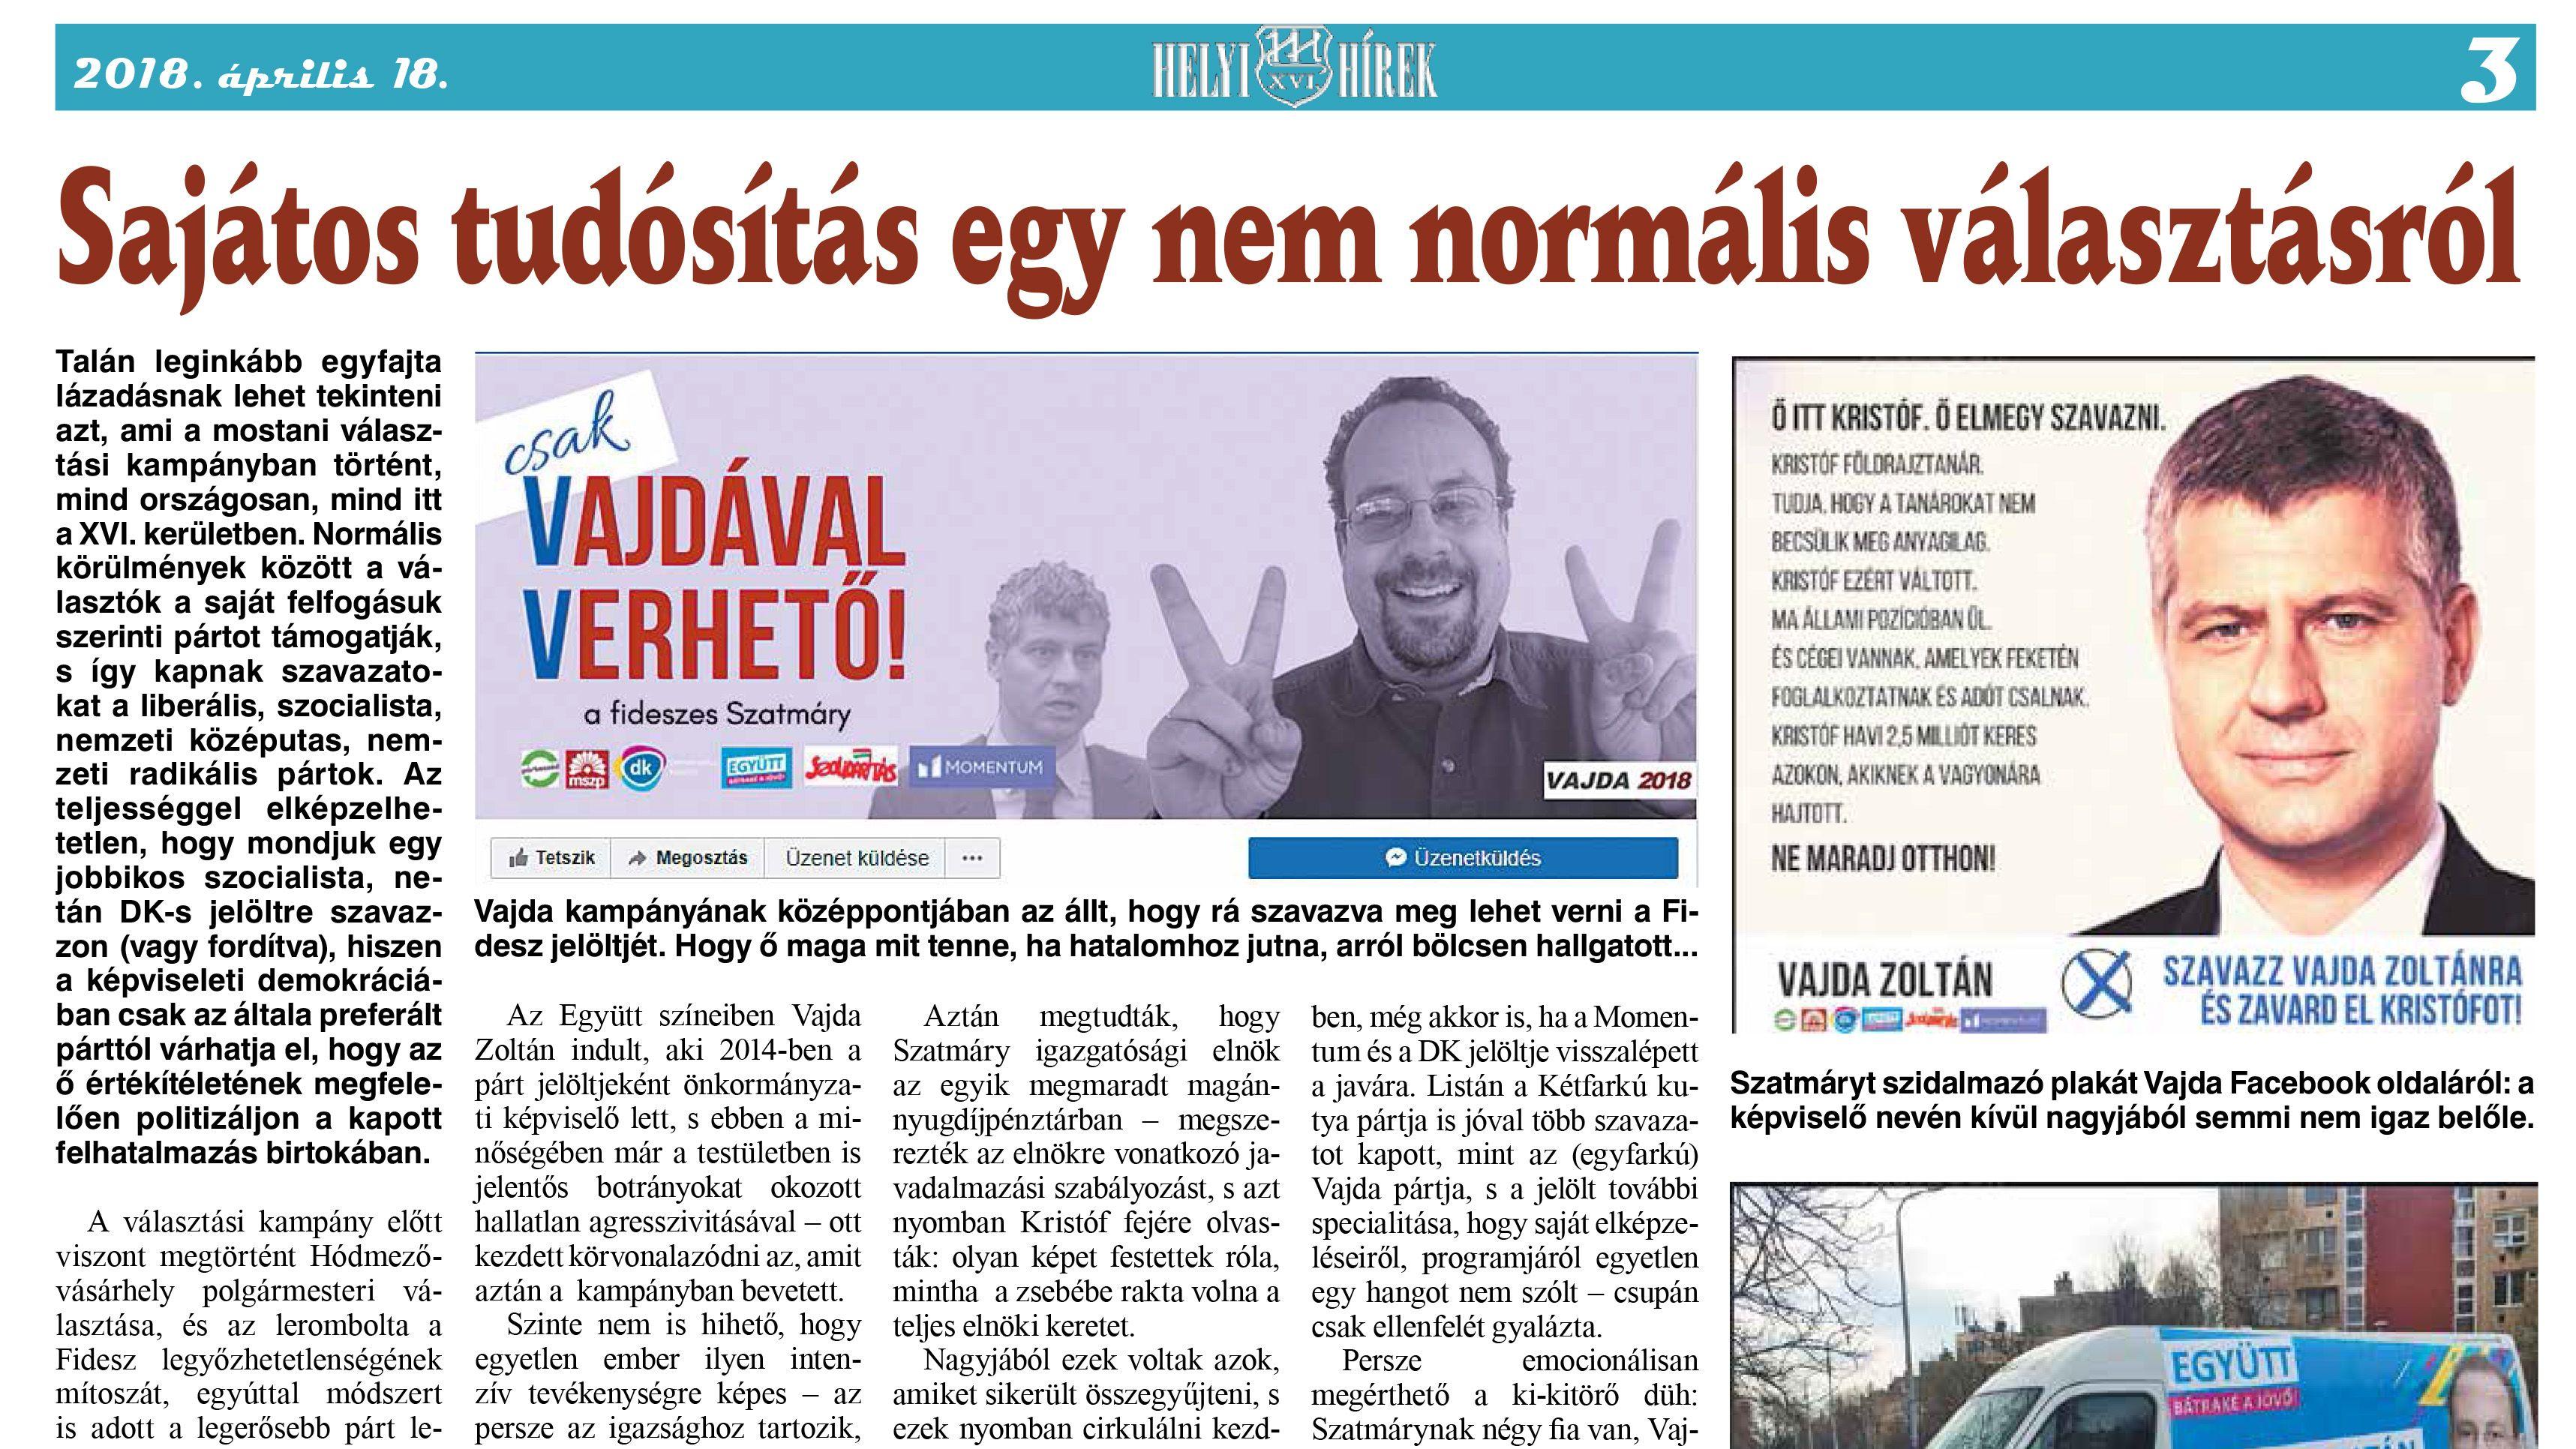 Sport 11. oldal Csank erre a névsorra számított A magyar-norvég vb-selejtezőről A norvég vendégek érkezésekor.